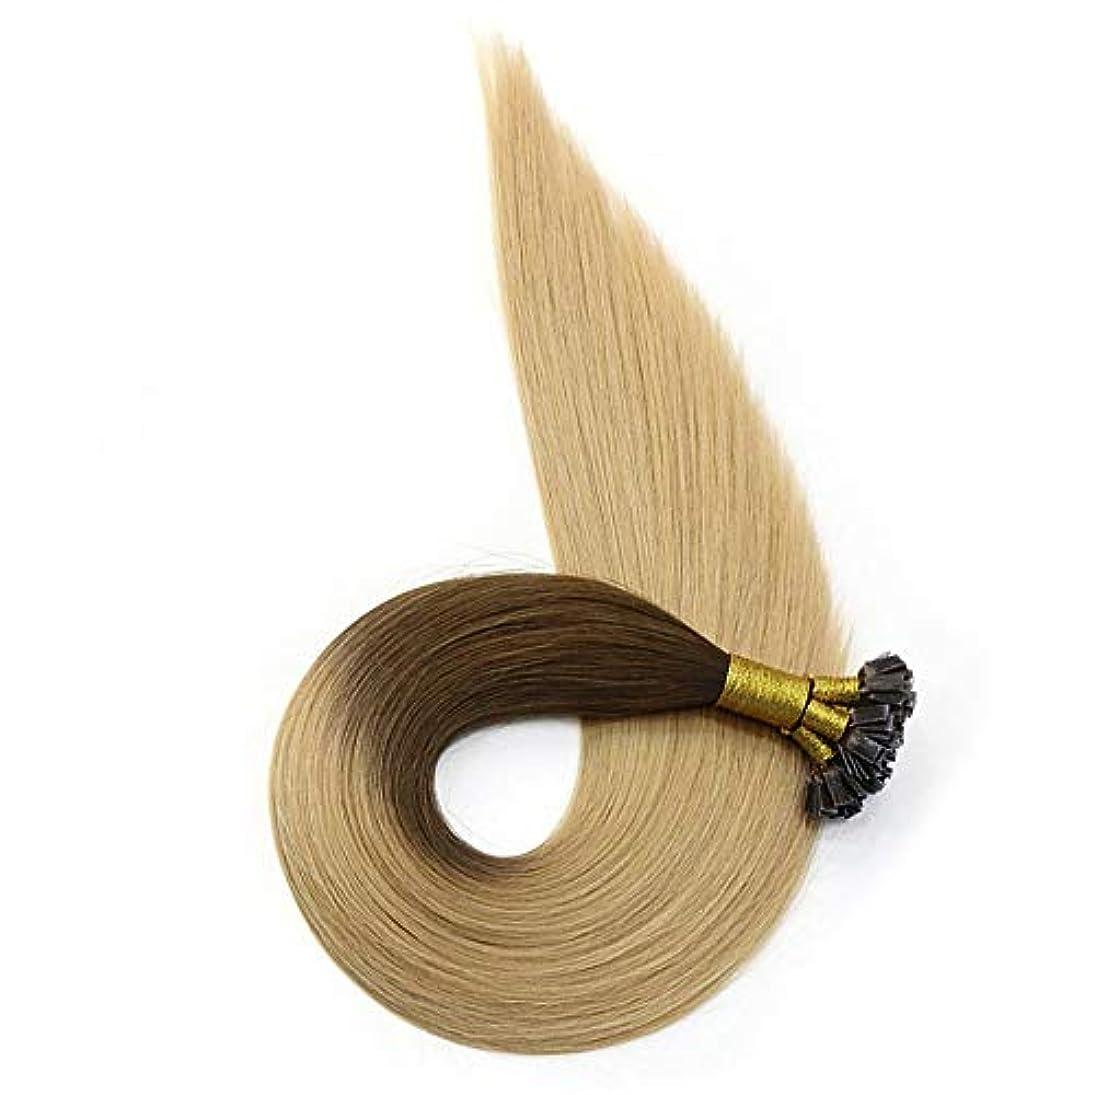 重力変形する野生WASAIO シームレスな髪型の交換人間の髪グルーミーブラウンブリーチブロンド着色リングでハイライトヘアエクステンションクリップ (色 : Blonde, サイズ : 18 inch)